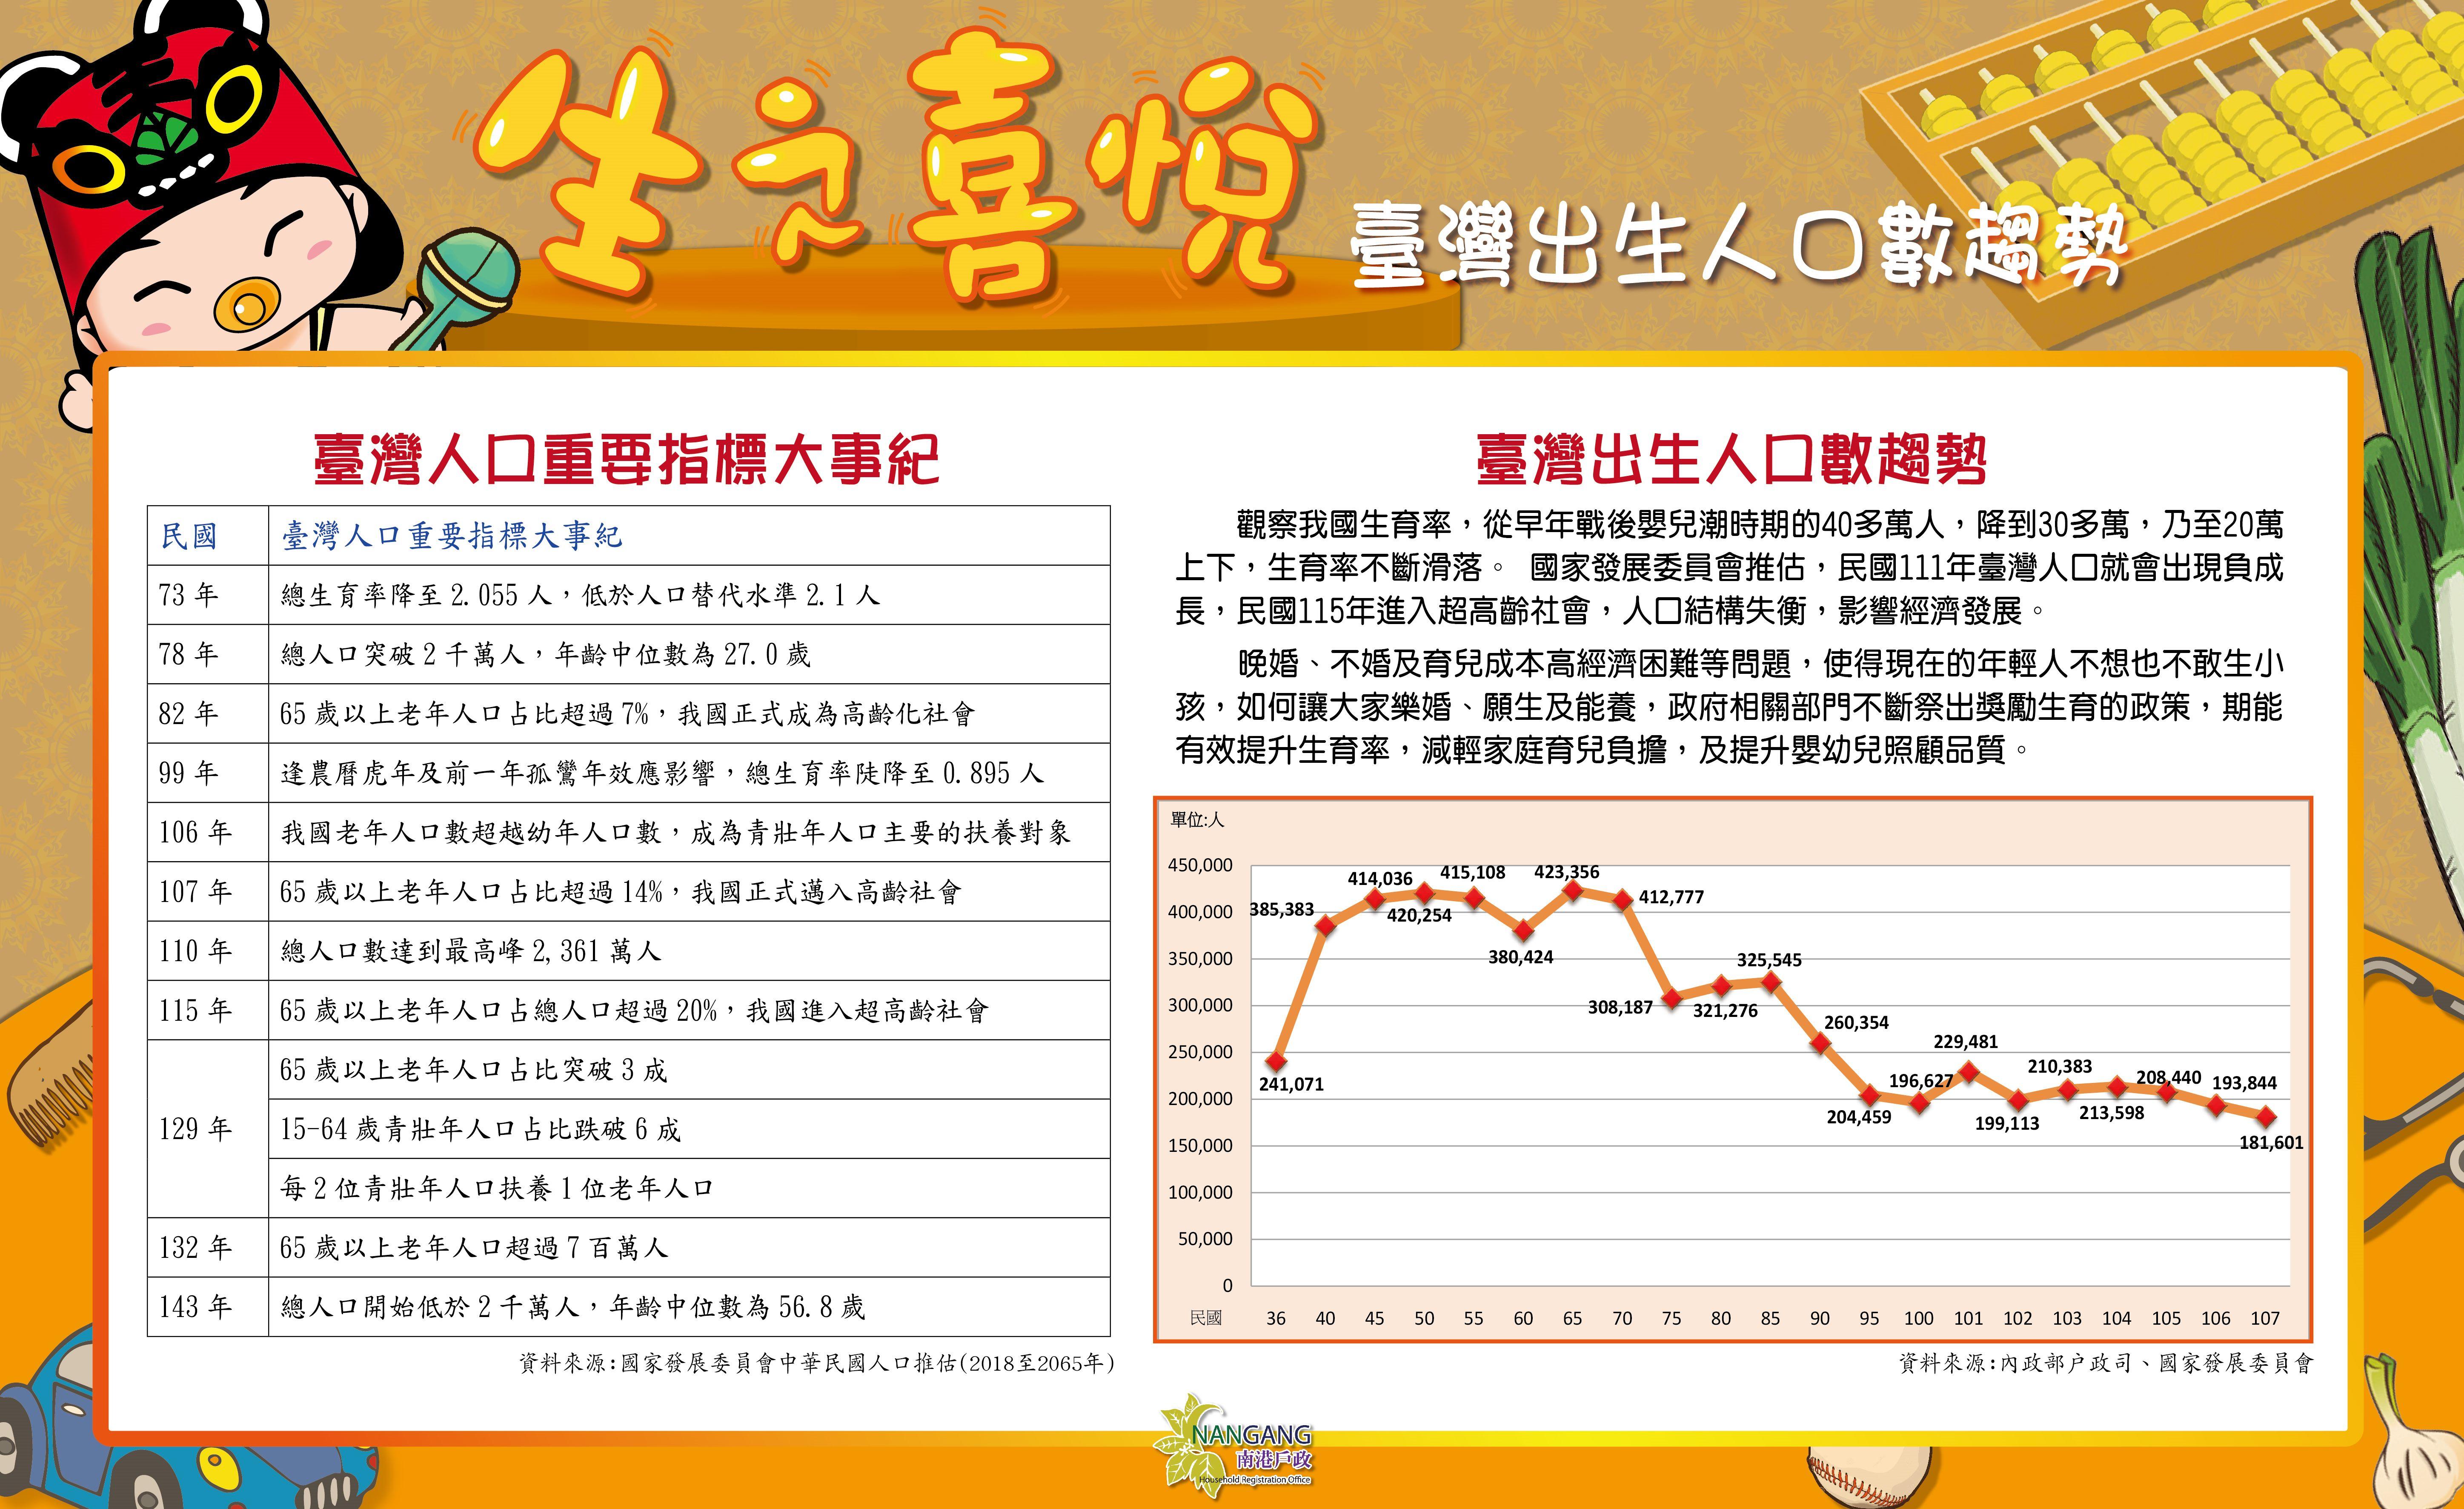 臺灣出生人口數趨勢